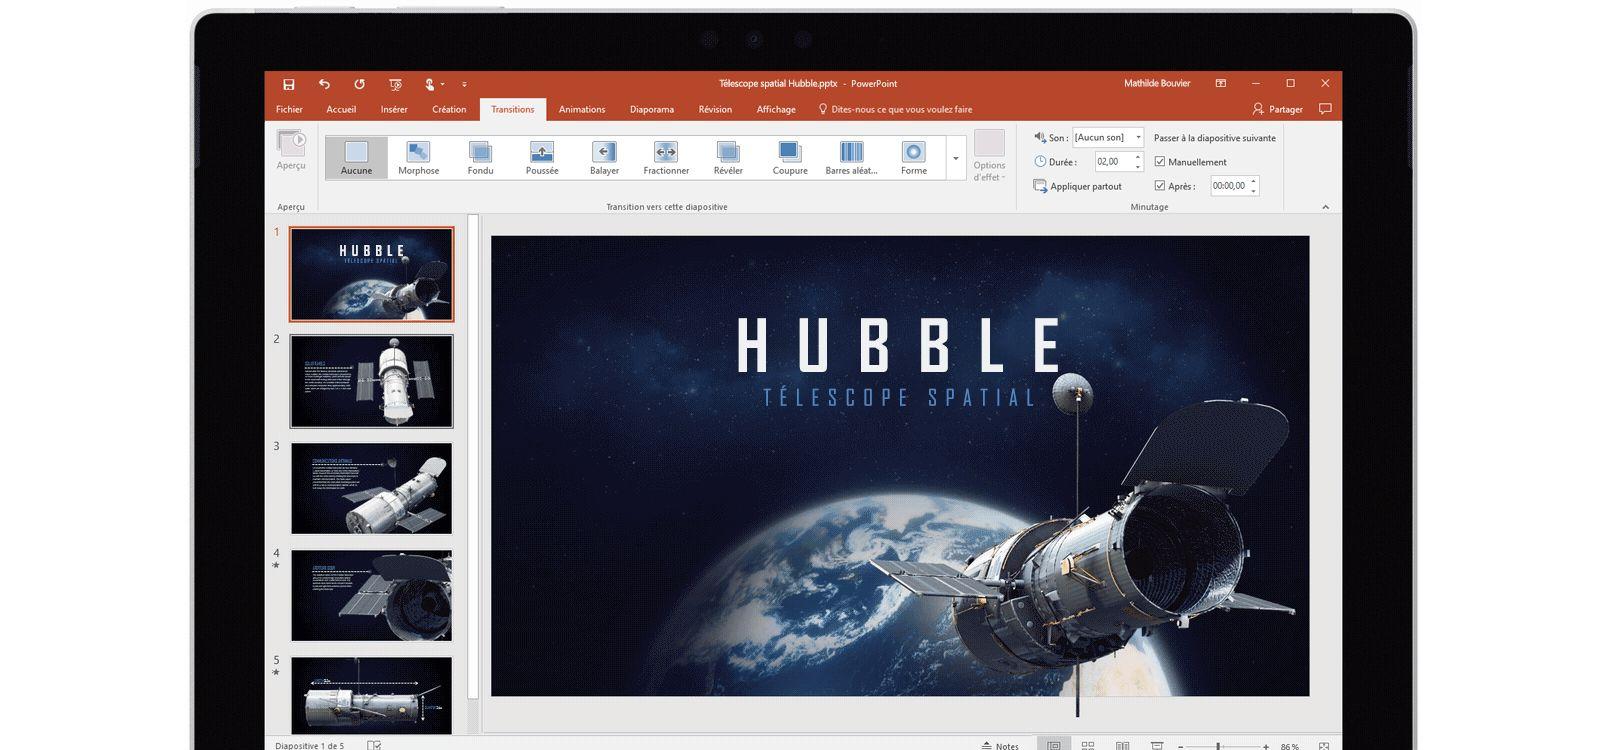 Écran de tablette sur laquelle Morphose est en cours d'utilisation dans une présentation PowerPoint consacrée aux télescopes spatiaux